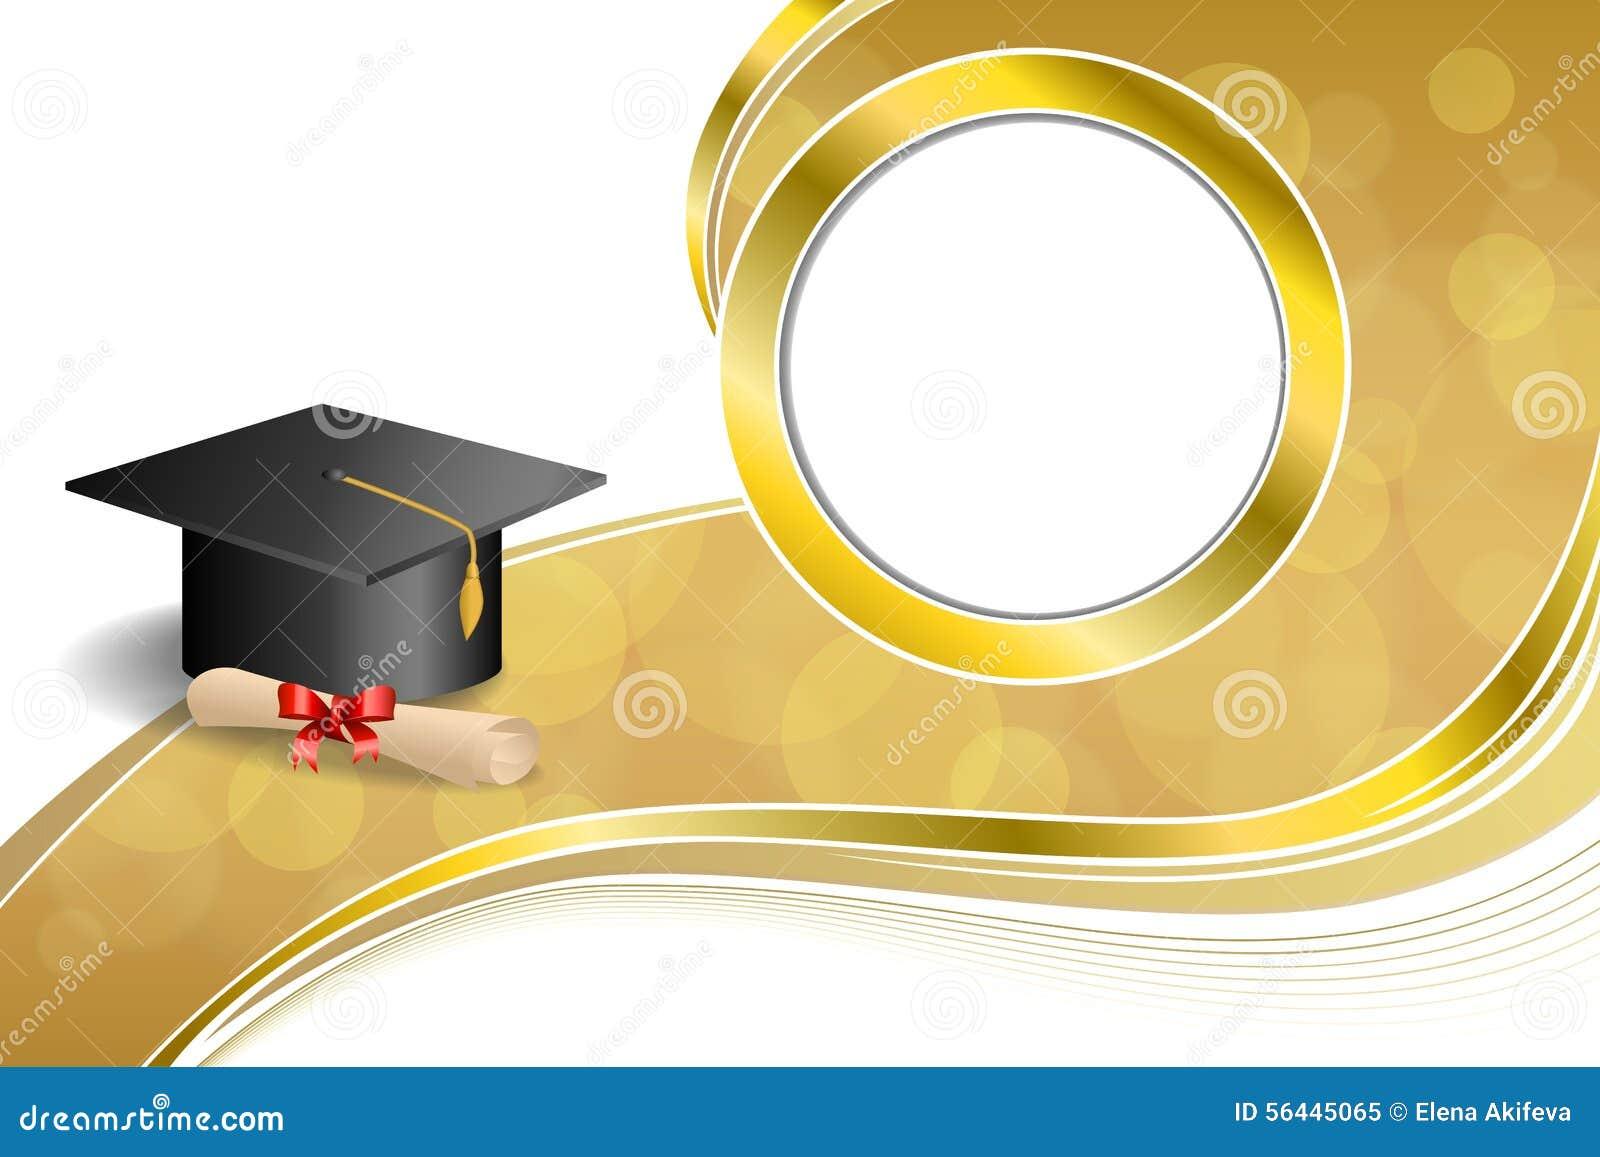 För utbildningsavläggande av examen för bakgrund illustration för ram för cirkel för abstrakt beige för lock pilbåge för diplom r